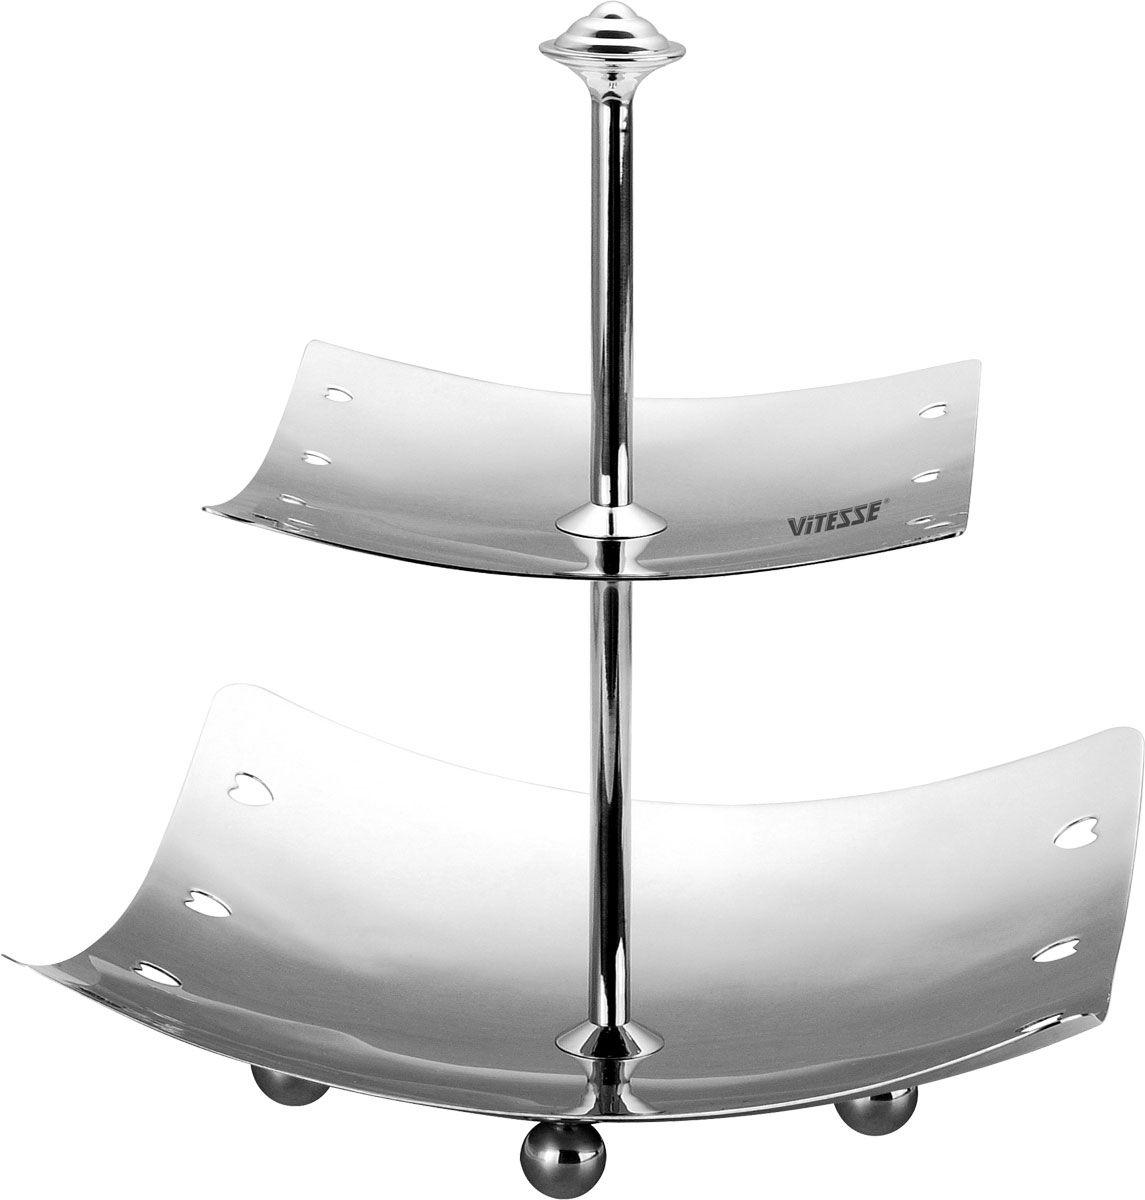 Поднос двухярусный Vitesse RaineVS-1295Двухярусный поднос Raine изготовленный из высококачественной нержавеющей стали с полировкой, станет незаменимым атрибутом при сервировке праздничного стола. На нижнем ярусе подноса имеются три ножки, выполненные в виде шариков, что придает подносу устойчивости. Современный стильный дизайн и функциональность позволят подносу занять достойное место на Вашей кухне.Характеристики: Высота подноса:25 см. Размер нижнего яруса:23 см x 23 см. Размер верхнего яруса:16 см x 16 см. Толщина материала:0,6 мм. Материал:нержавеющая сталь.Артикул:VS-1295.Кухонная посуда марки Vitesseиз нержавеющей стали 18/10 предоставит Вам все необходимое для получения удовольствия от приготовления пищи и принесет радость от его результатов. Посуда Vitesse обладает выдающимися функциональными свойствами. Легкие в уходе кастрюли и сковородки имеют плотно закрывающиеся крышки, которые дают возможность готовить с малым количеством воды и экономией энергии, и идеально подходят для всех видов плит: газовых, электрических, стеклокерамических и индукционных. Конструкция дна посуды гарантирует быстрое поглощение тепла, его равномерное распределение и сохранение. Великолепно отполированная поверхность, а также многочисленные конструктивные новшества, заложенные во все изделия Vitesse, позволит Вам открыть новые горизонты приготовления уже знакомых блюд. Для производства посуды Vitesseиспользуются только высококачественные материалы, которые соответствуют международным стандартам.УВАЖАЕМЫЕ КЛИЕНТЫ! Товар поставляется в разобранном виде.